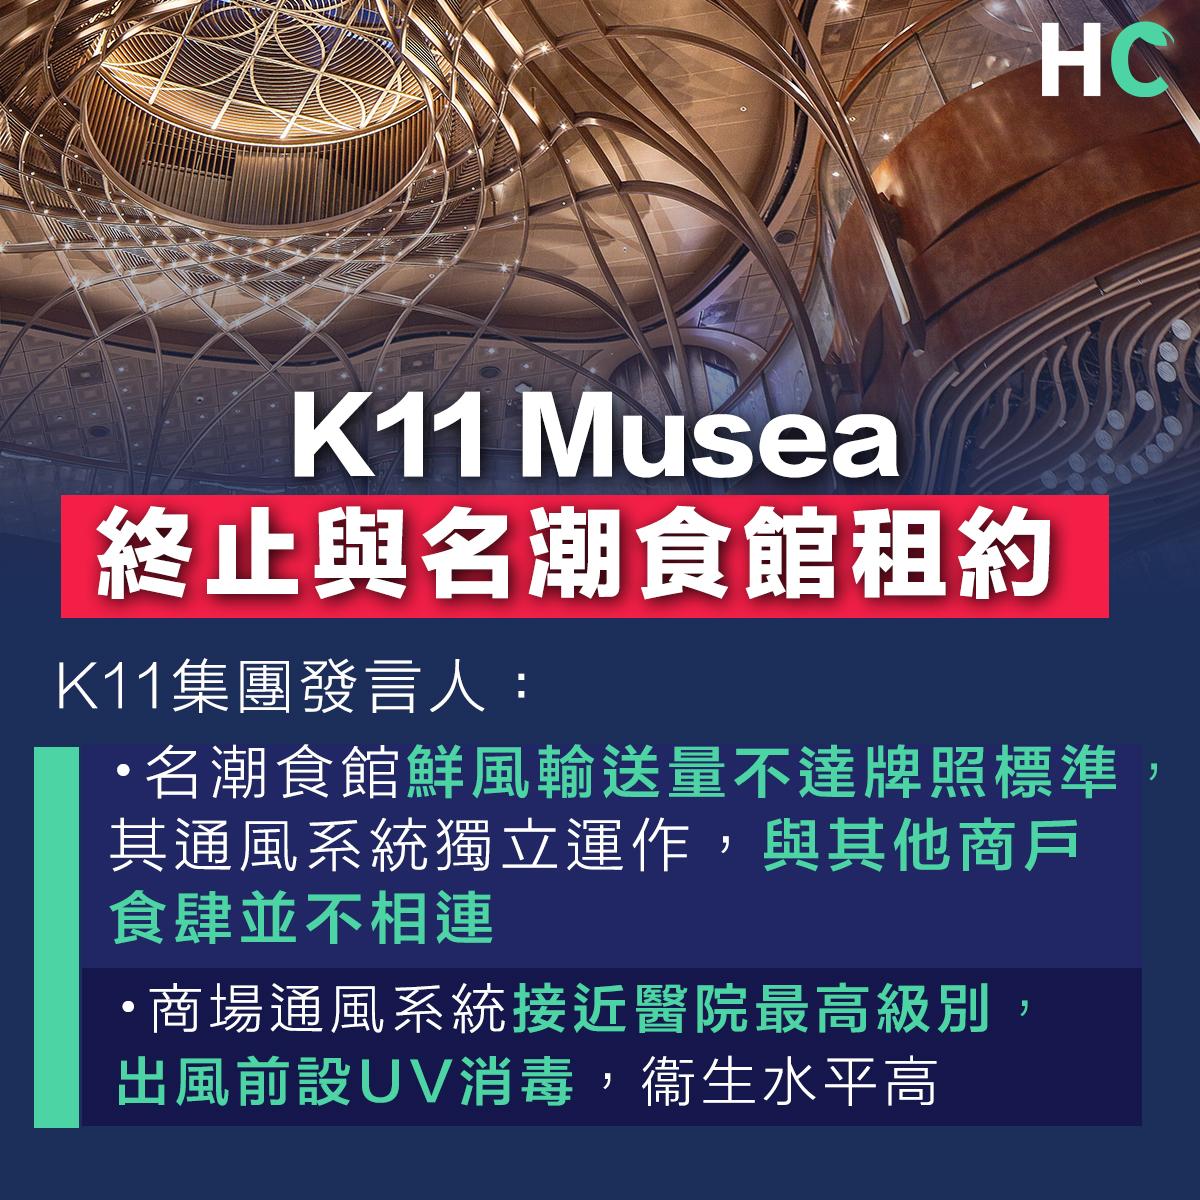 K11 Musea終止與名潮食館租約 強調其通風系統與商場不相連